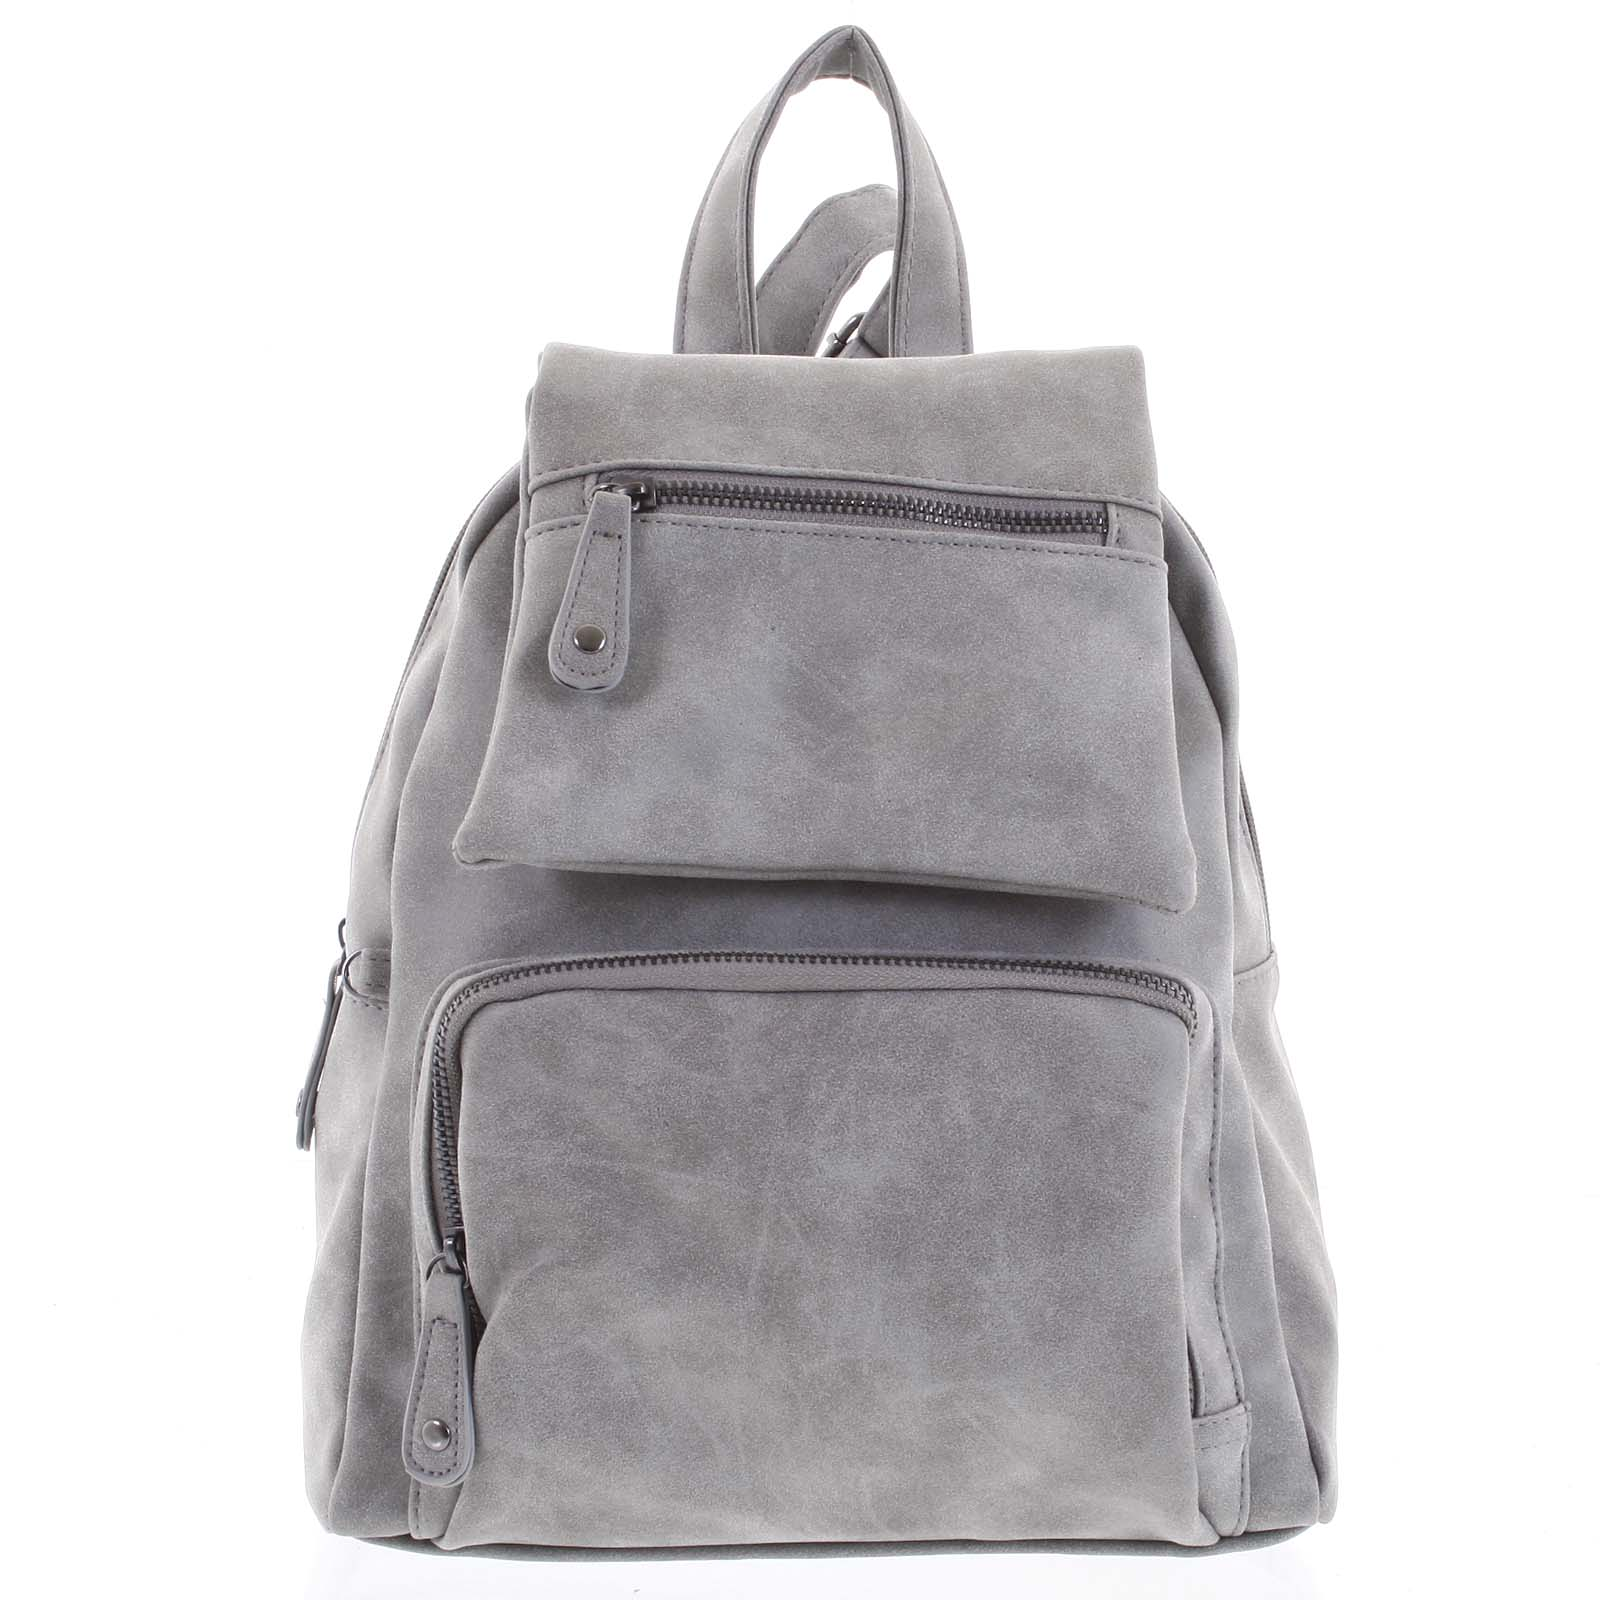 Trendy městský batůžek světle šedý - Just Dreamz Kaydence šedá